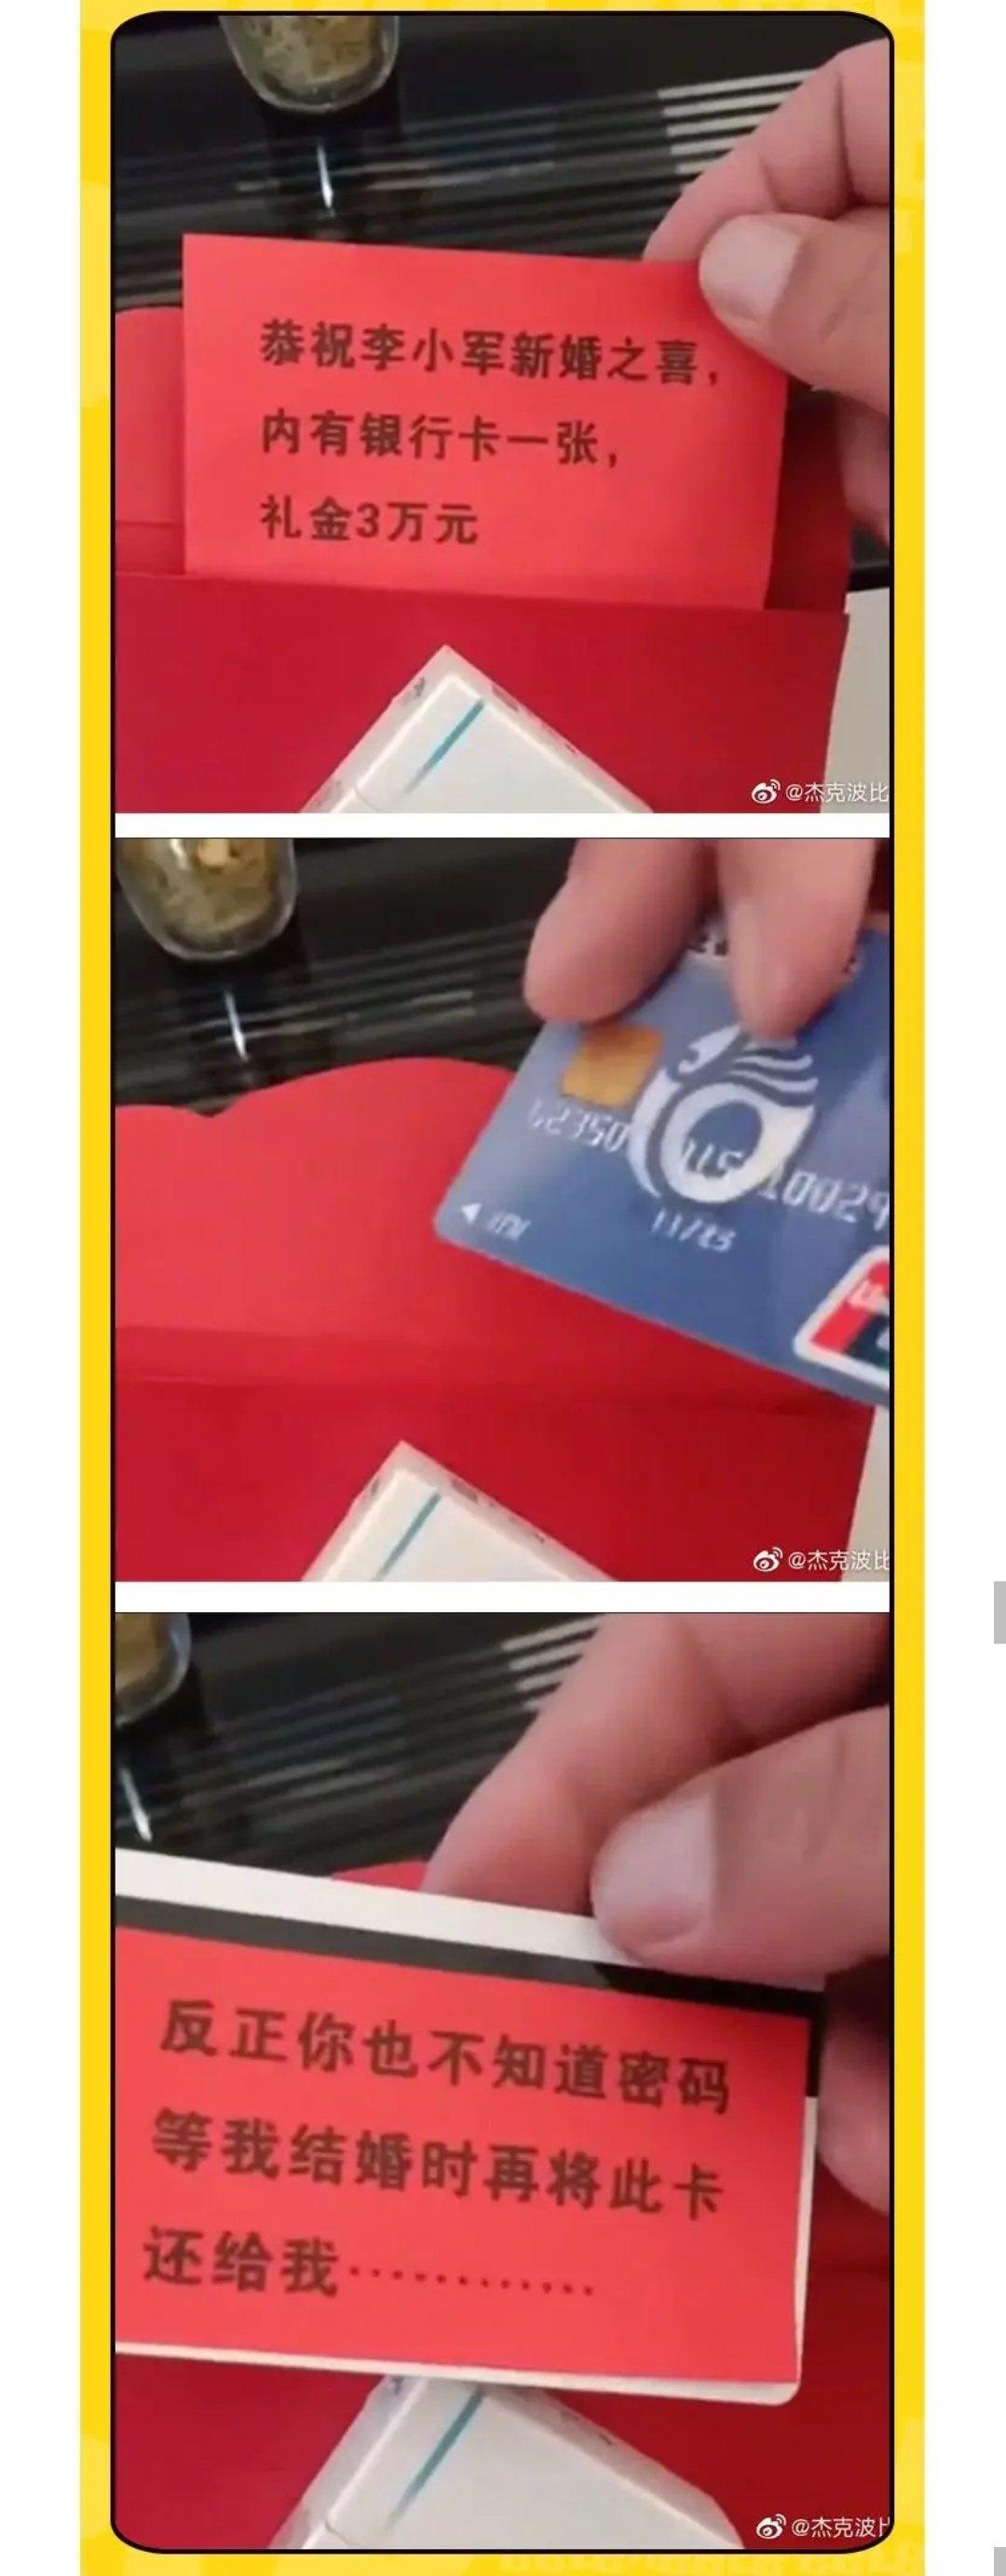 有趣视频图片段子福利第82期:主播晴子  福利社吧  图22